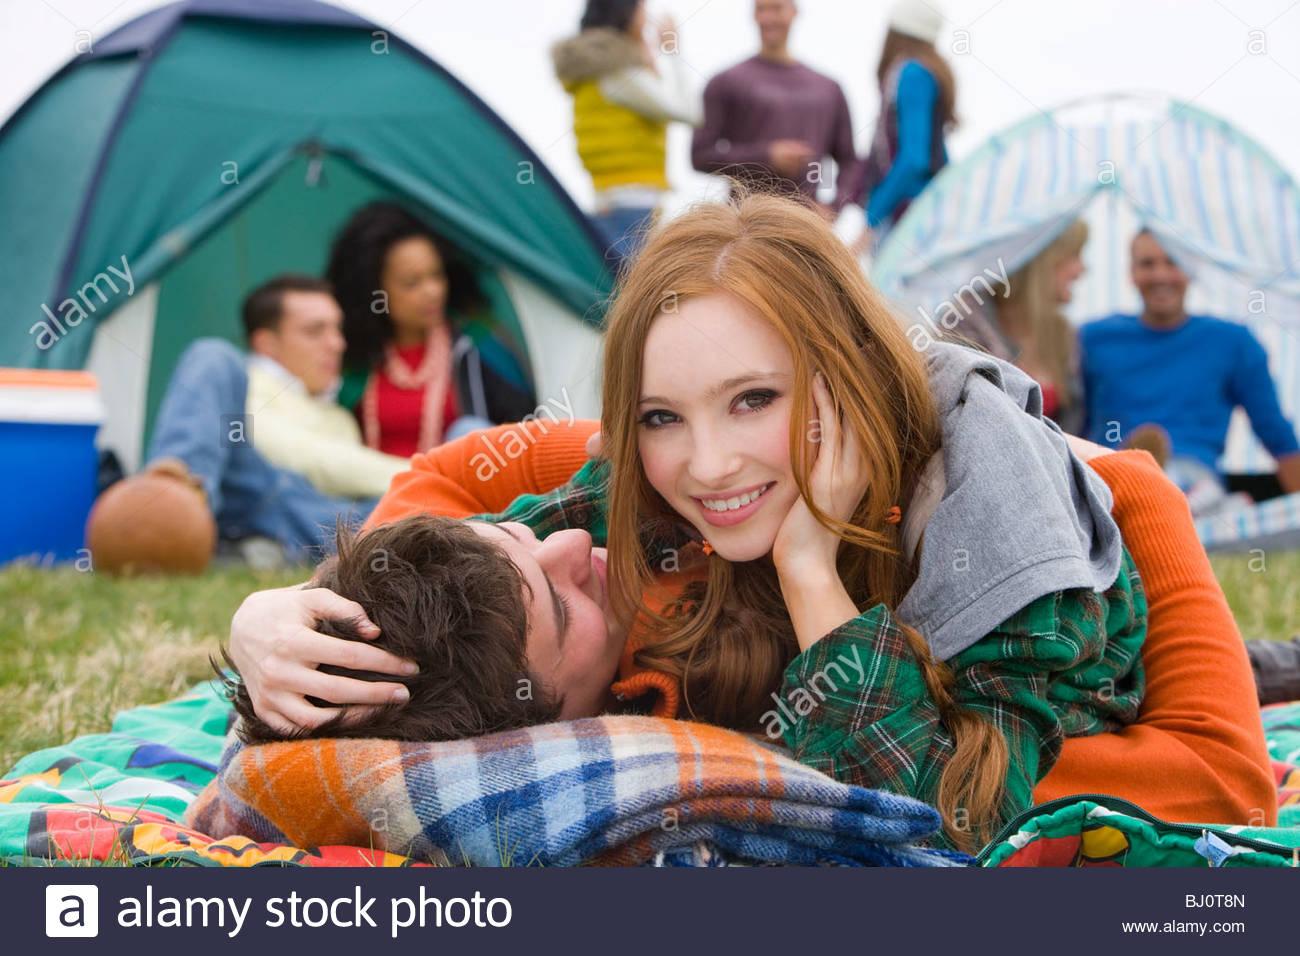 Camping couple romantique et assister à festival en plein air Photo Stock